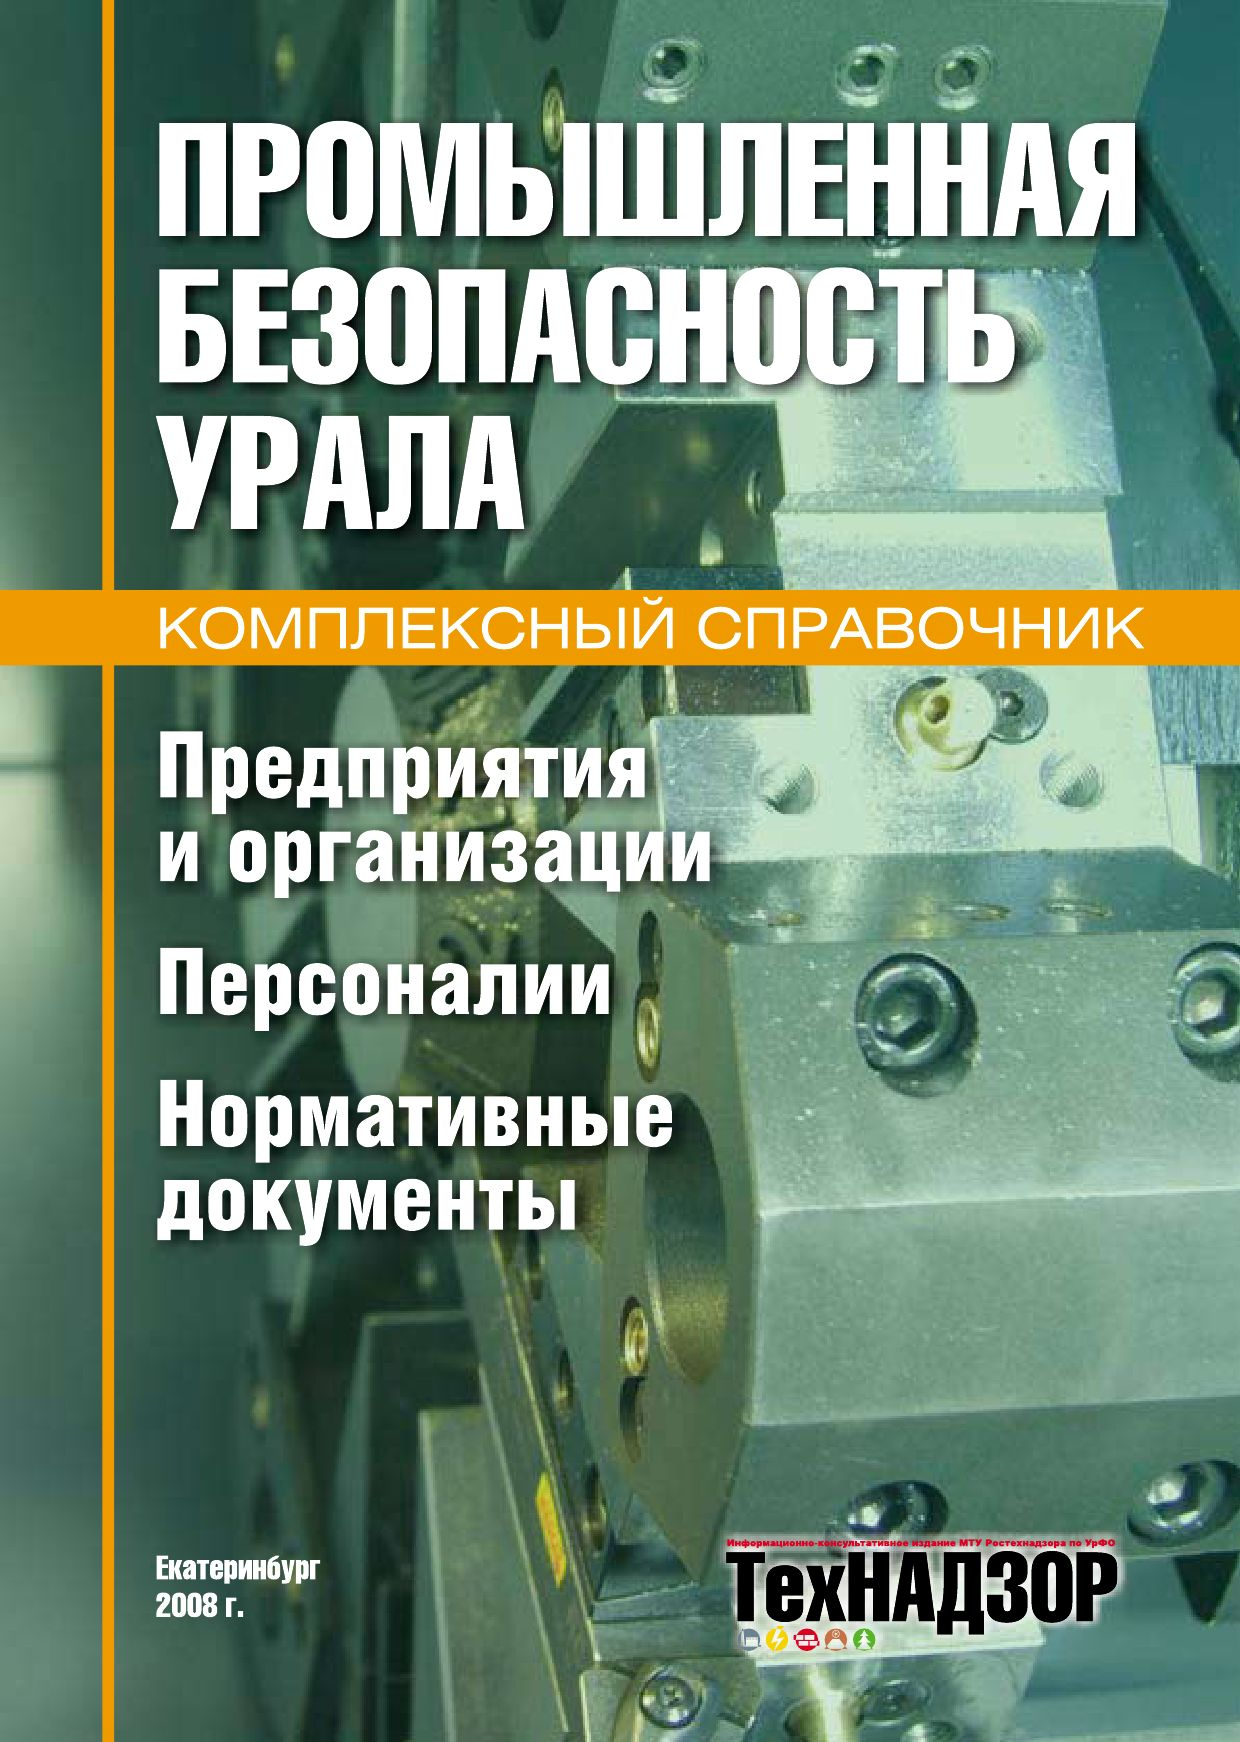 атомнадзор инструкция зри-2009 закрытый радионуклидный источник